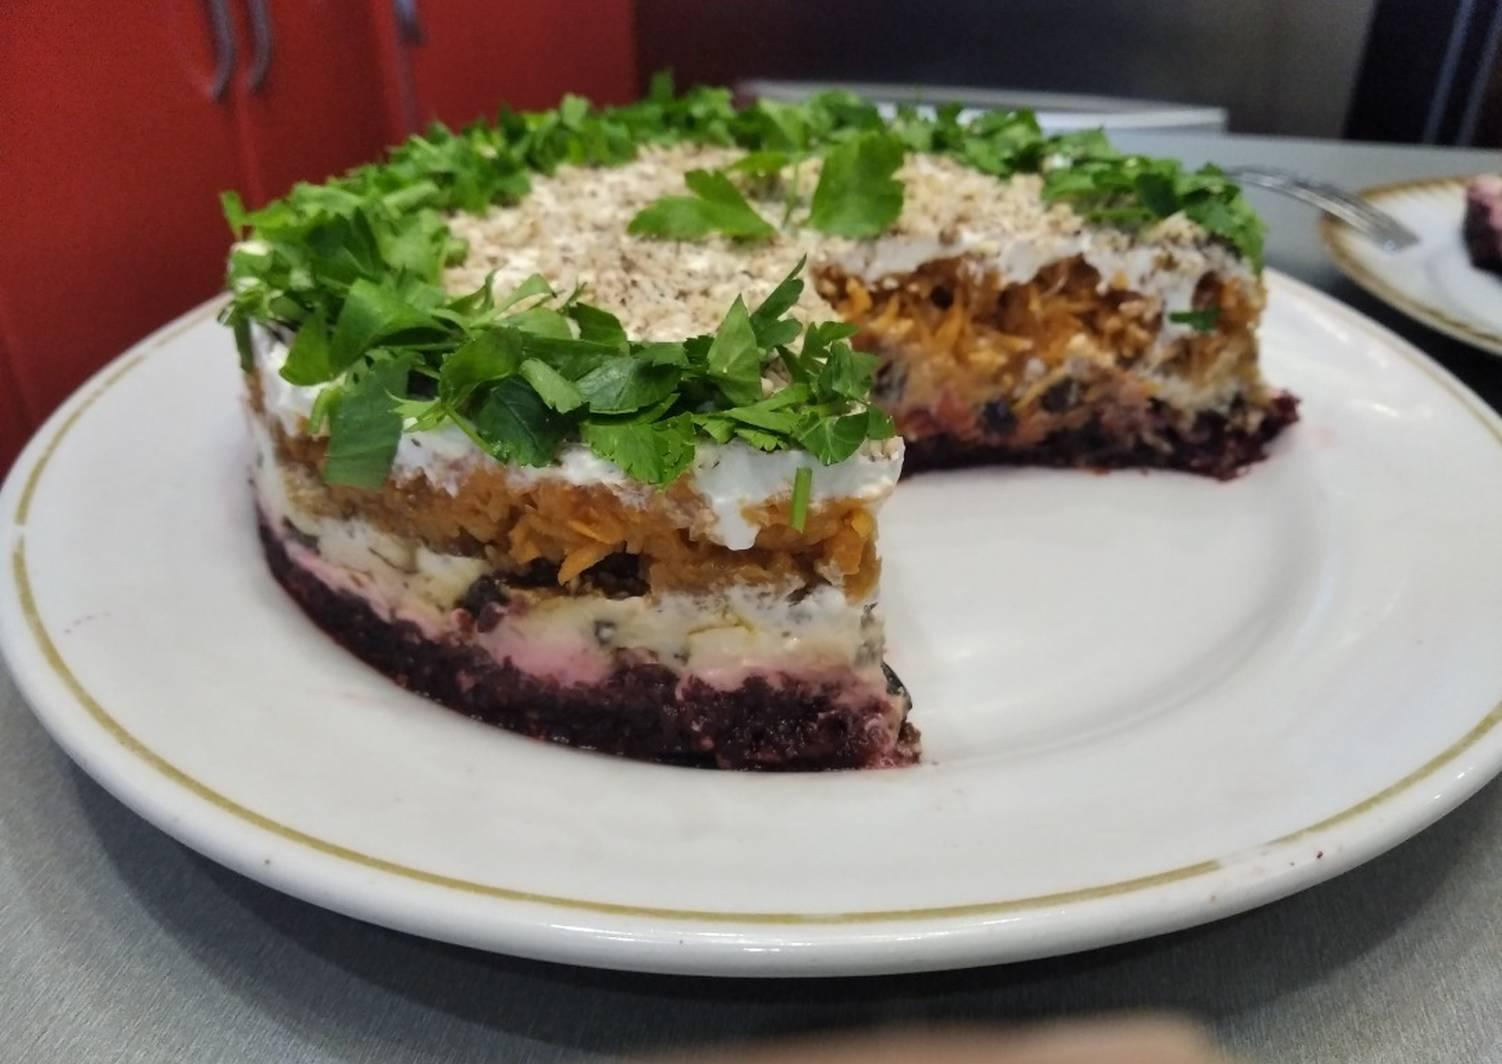 того, верхняя овощной торт постный рецепты с фото удобной навигации выбрать